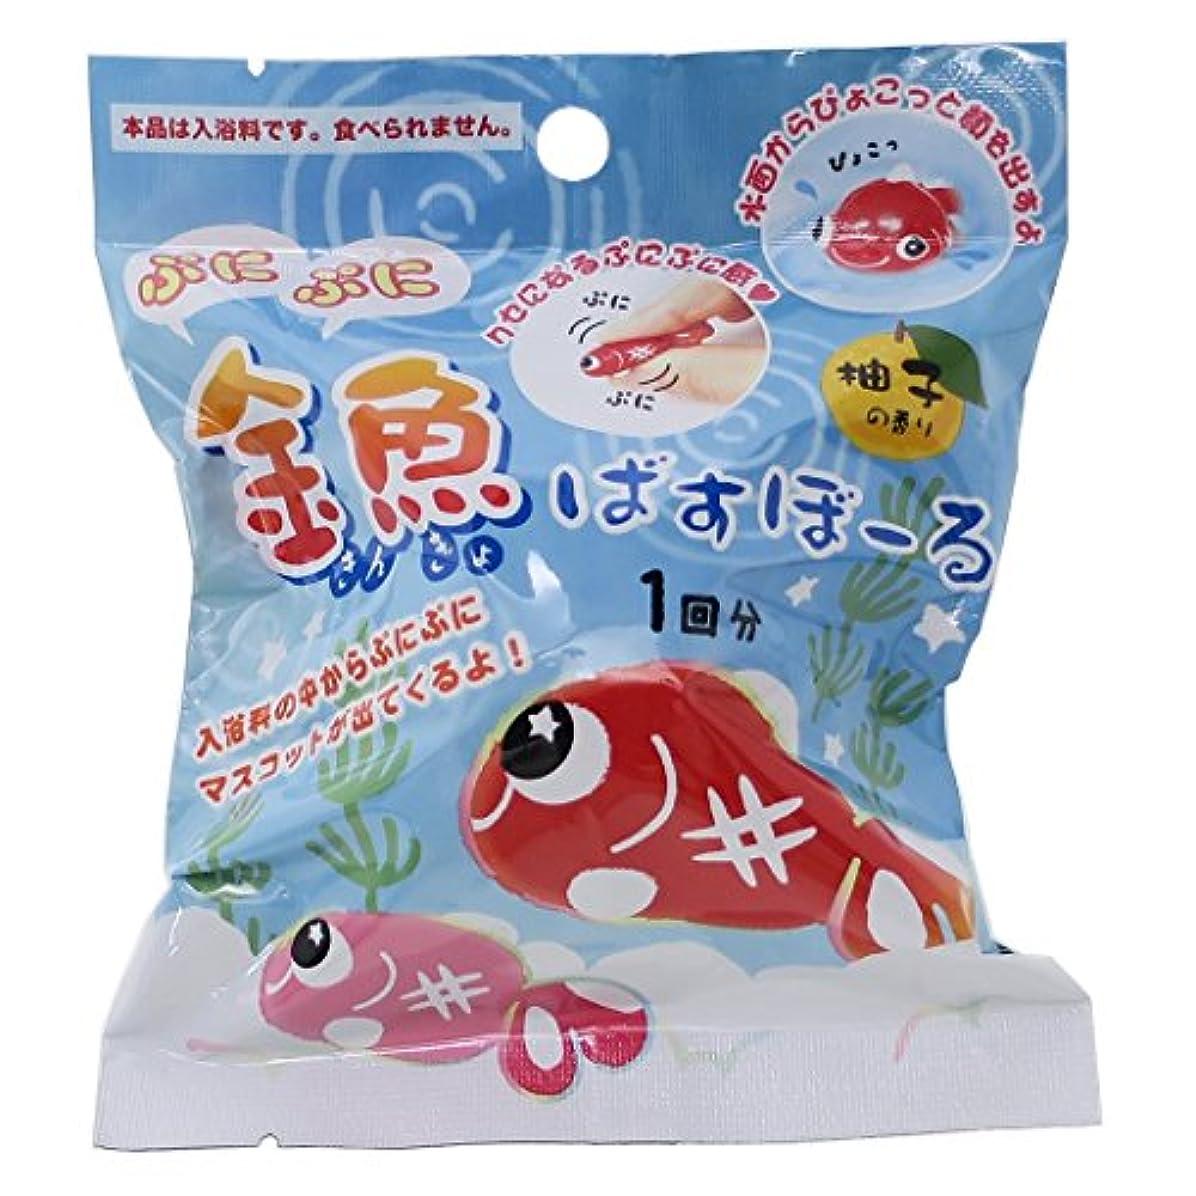 アライメント有用バリアぷにぷに金魚バスボール 柚子の香り 80g 1個入